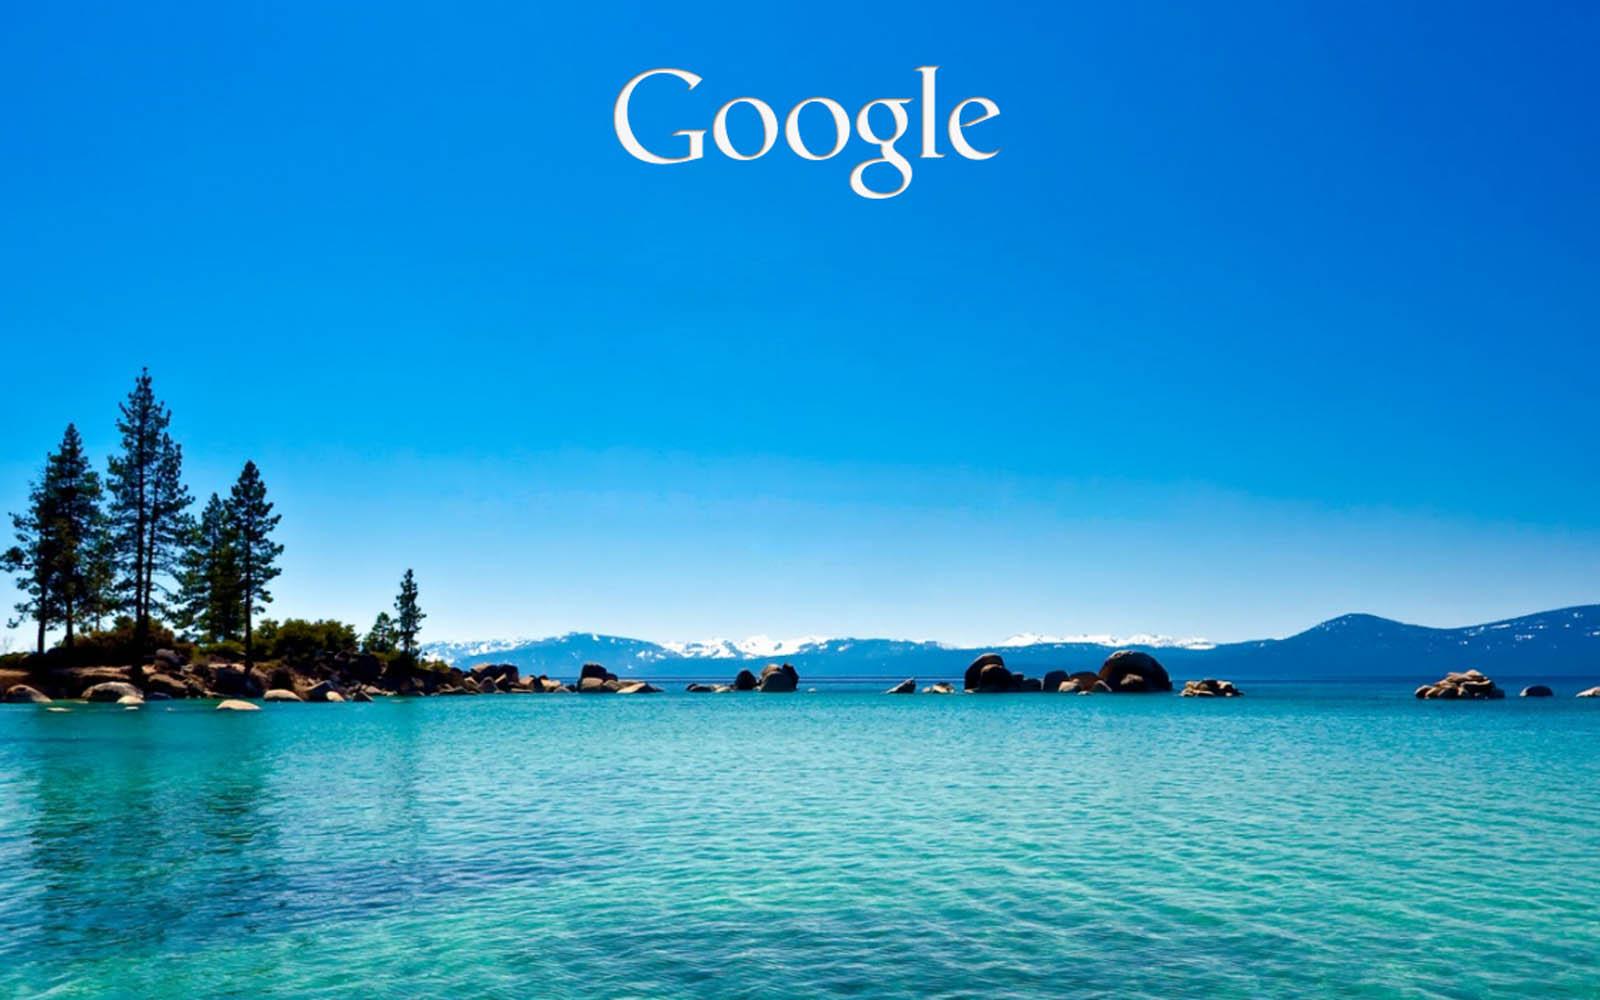 Google Wallpaper Backgrounds - WallpaperSafari